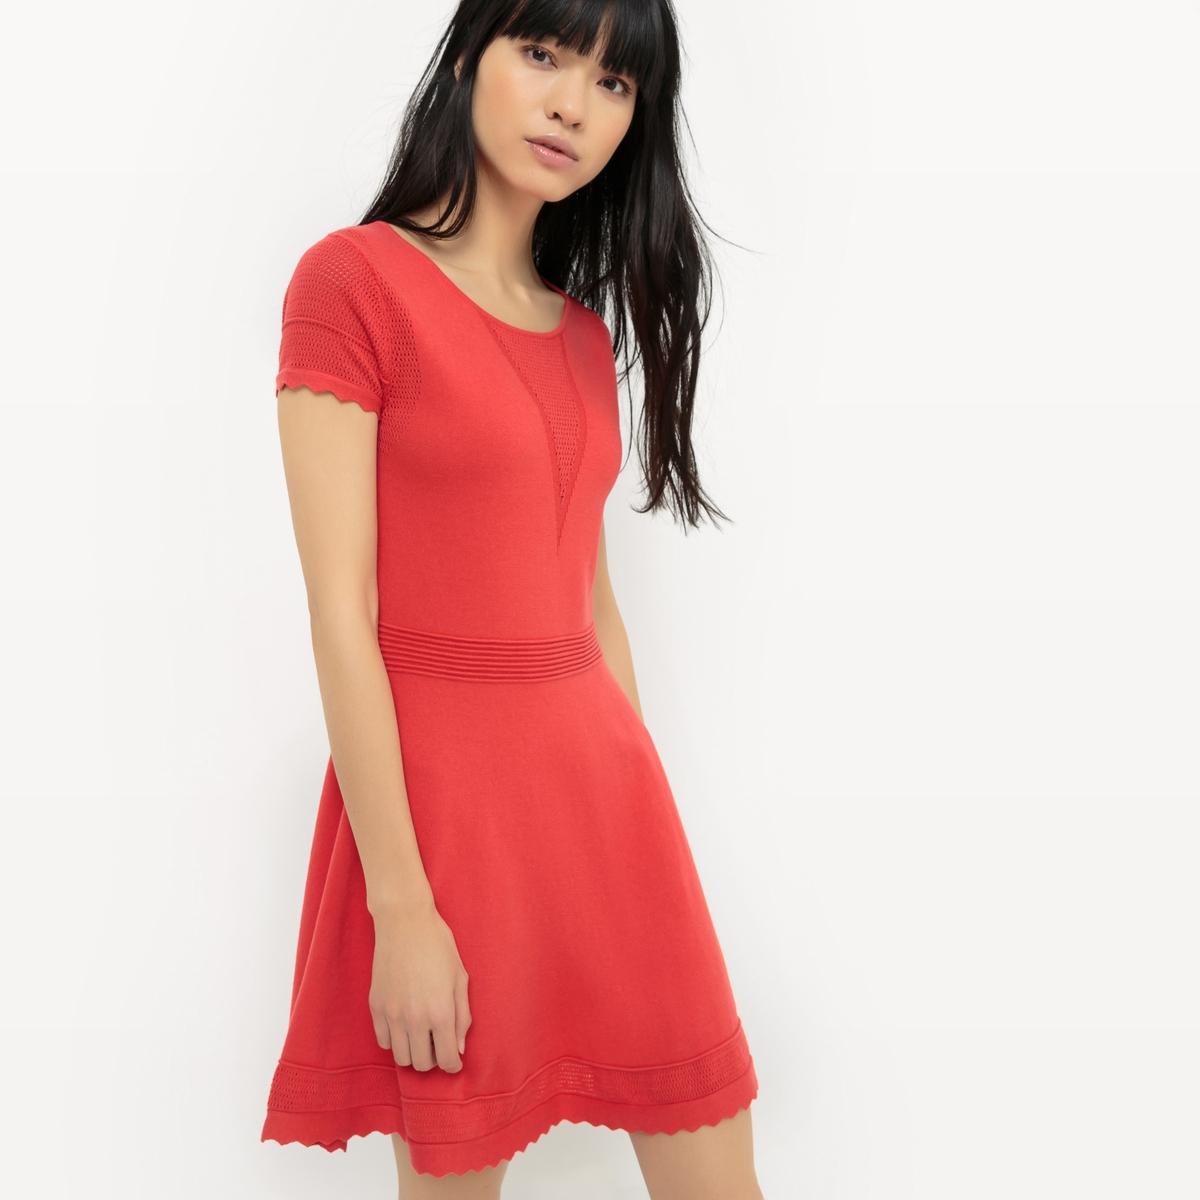 Платье короткое, с короткими рукавами, однотонноеОписание:Детали  •  Форма : расклешенная   •  короткое  •  Короткие рукава    • Круглый вырез Состав и уход  •  100% хлопок• Просьба следовать советам по уходу, указанным на этикетке изделия<br><br>Цвет: красный<br>Размер: M